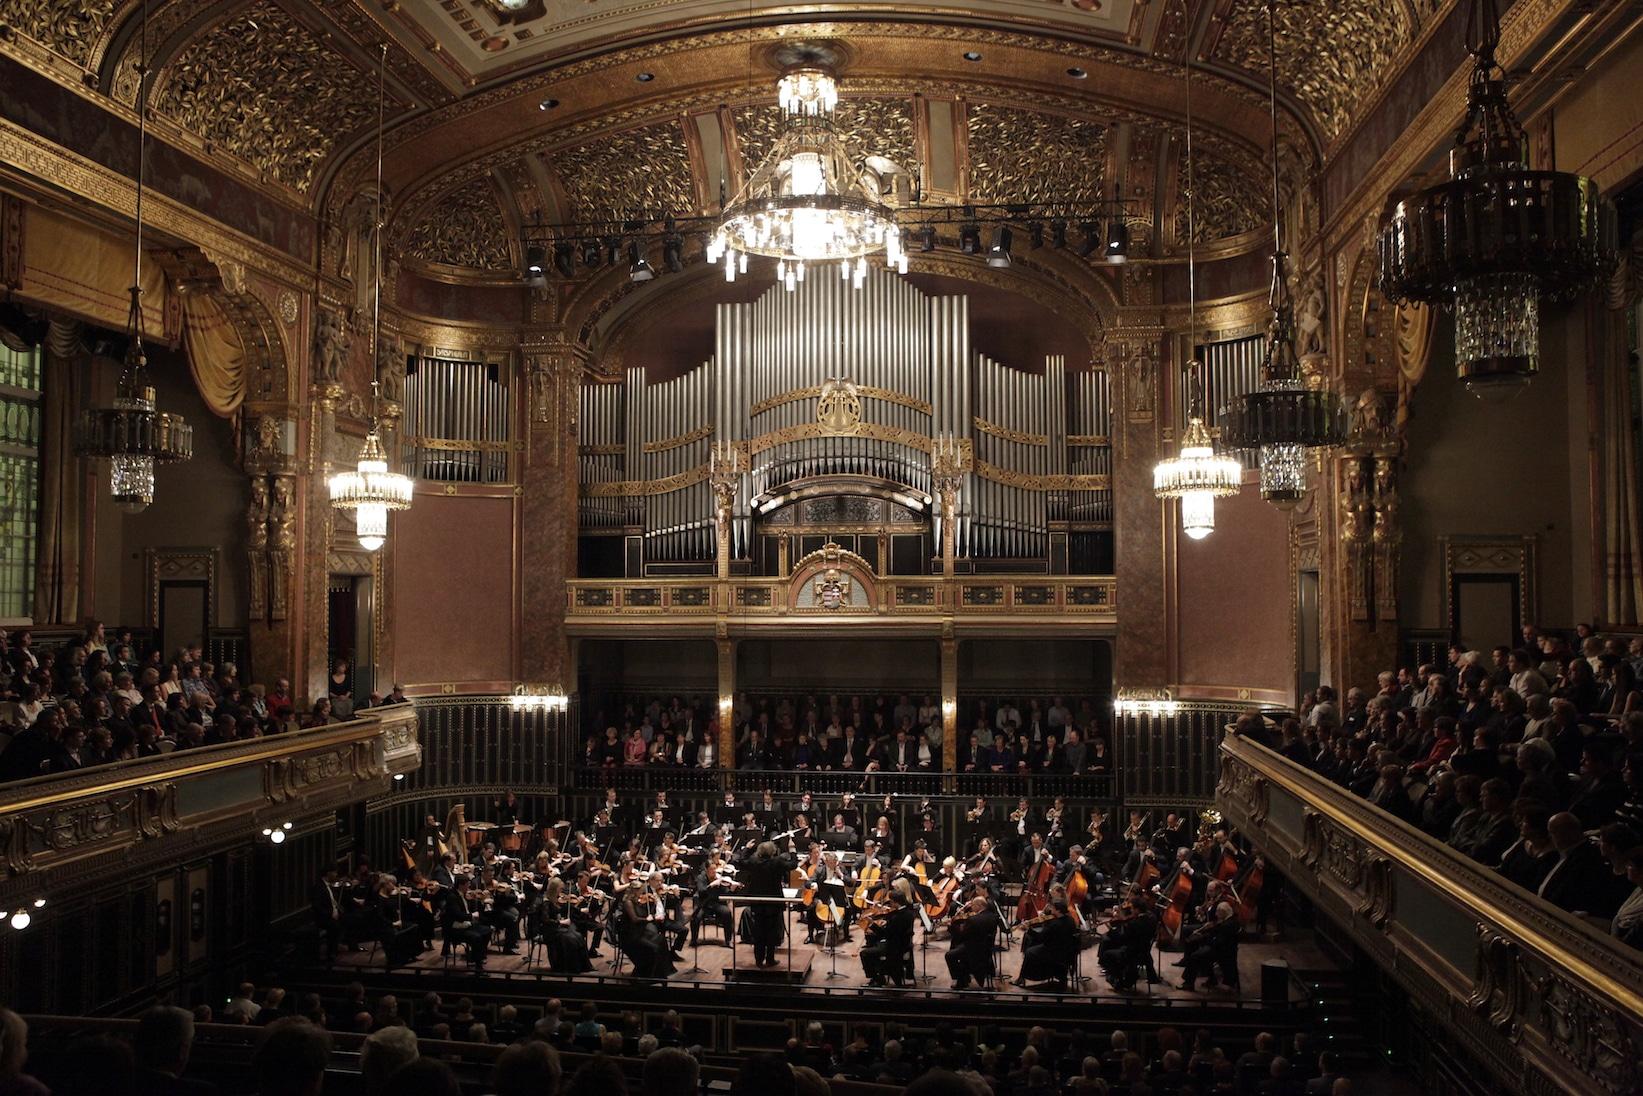 Académie de musique budapest